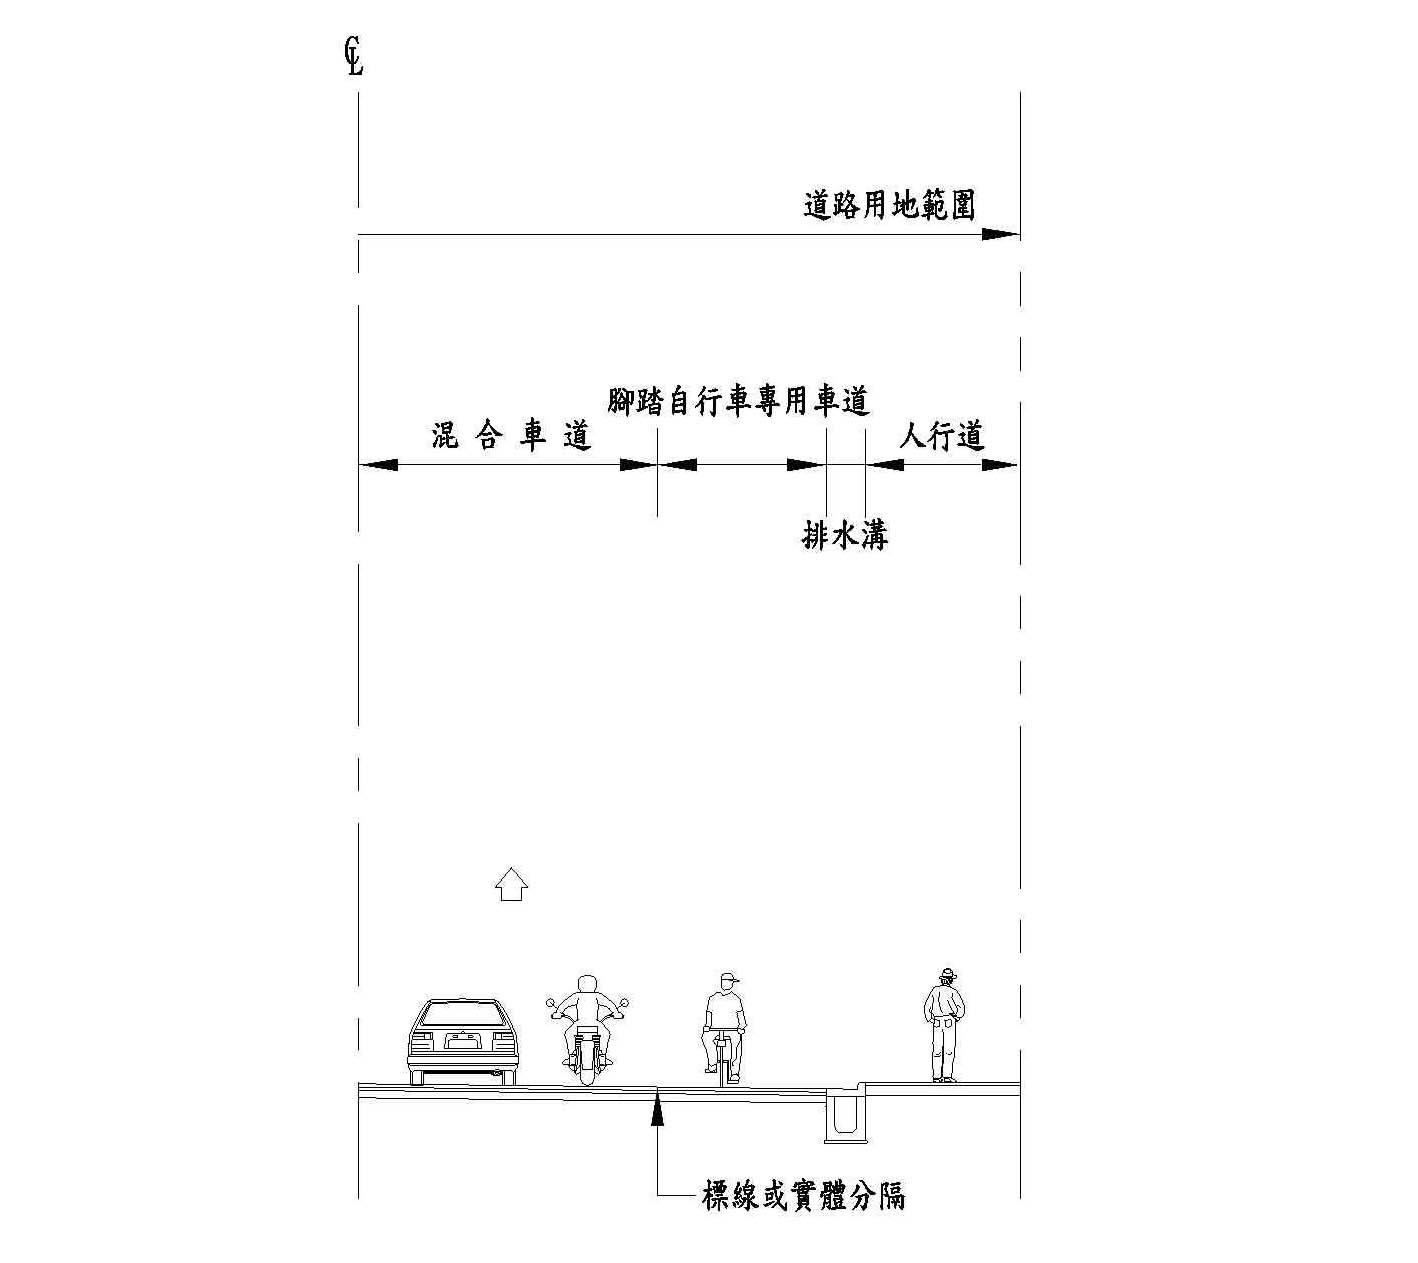 腳踏自行車專用車道示意圖(二)